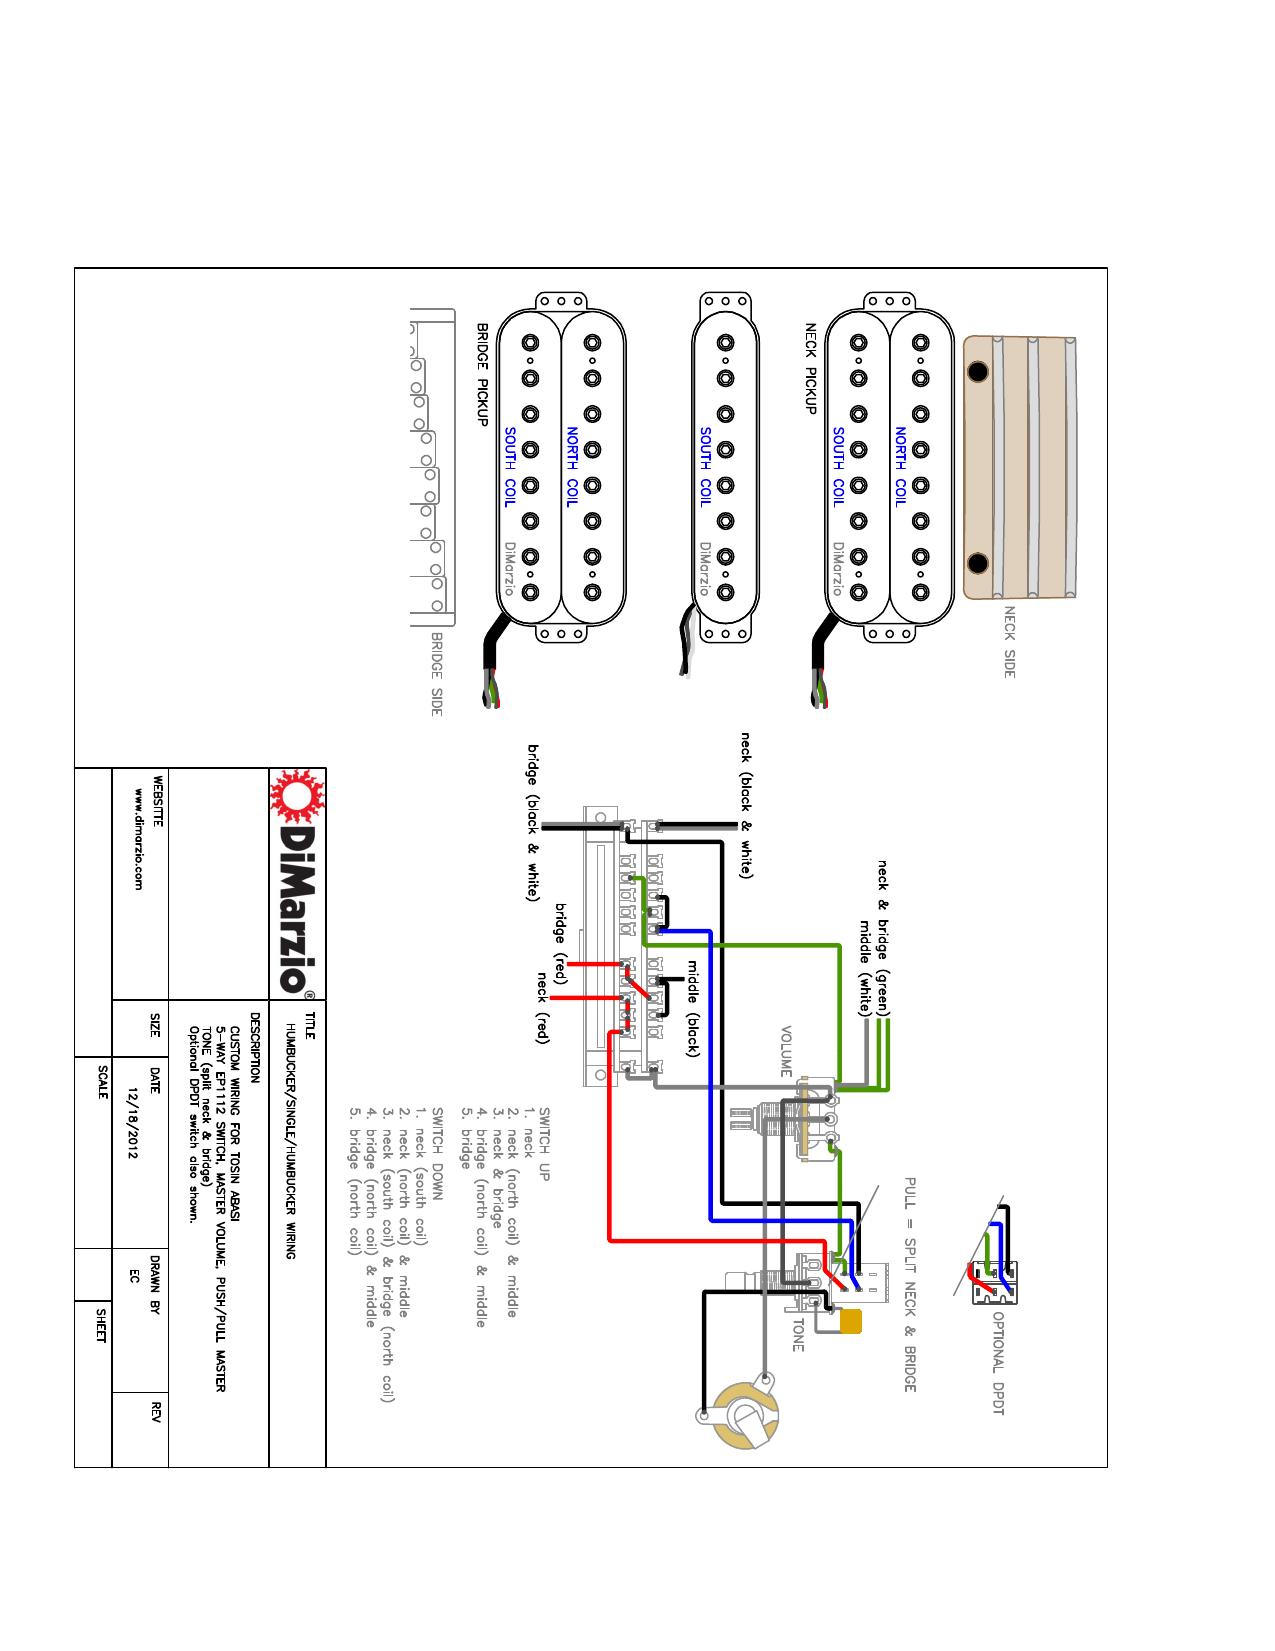 dimarzio dual sound wiring diagram ionizer 8    bridge installation manualzz  ionizer 8    bridge installation manualzz